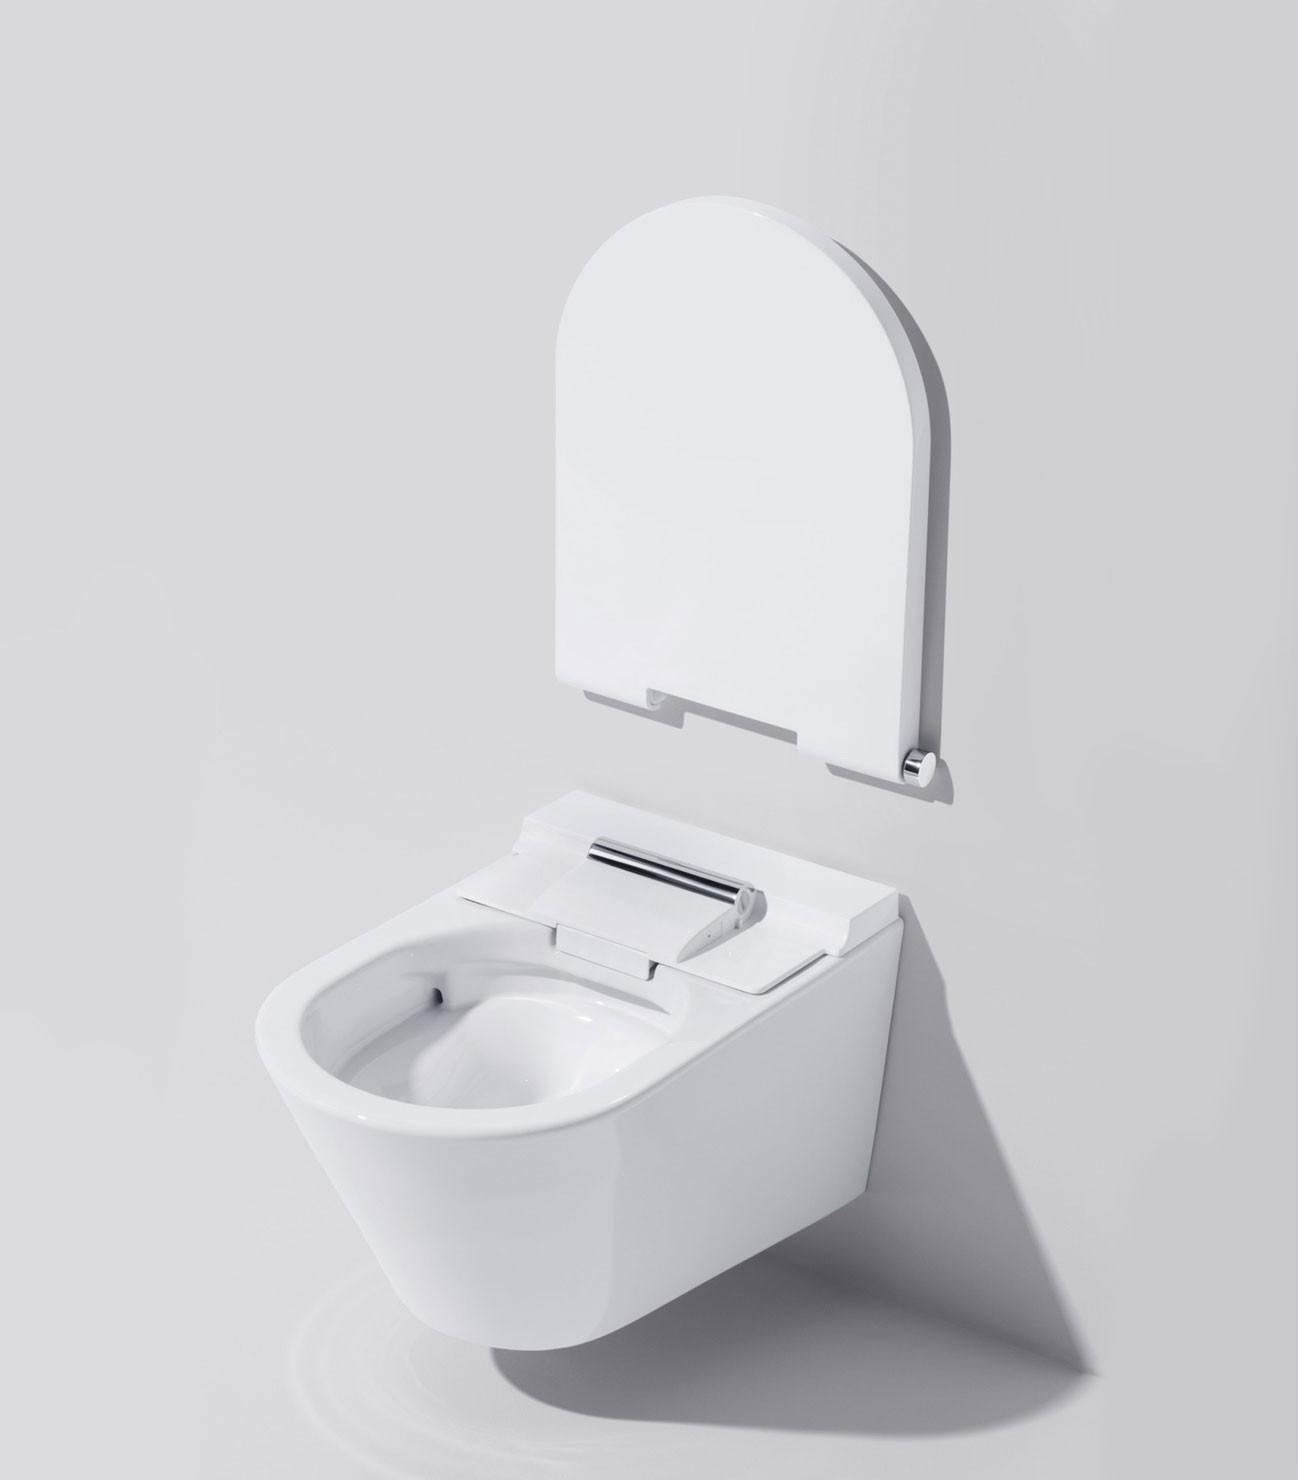 Full Size of Dusch Wc Testsieger 2019 Dusch Wc Sitz Geberit Aquaclean 4000 Weiss Ch Modell Activ Wash Oder Duravit Test Toto Preisvergleich Preise Aufsatz Vergleich Dusche Dusch Wc